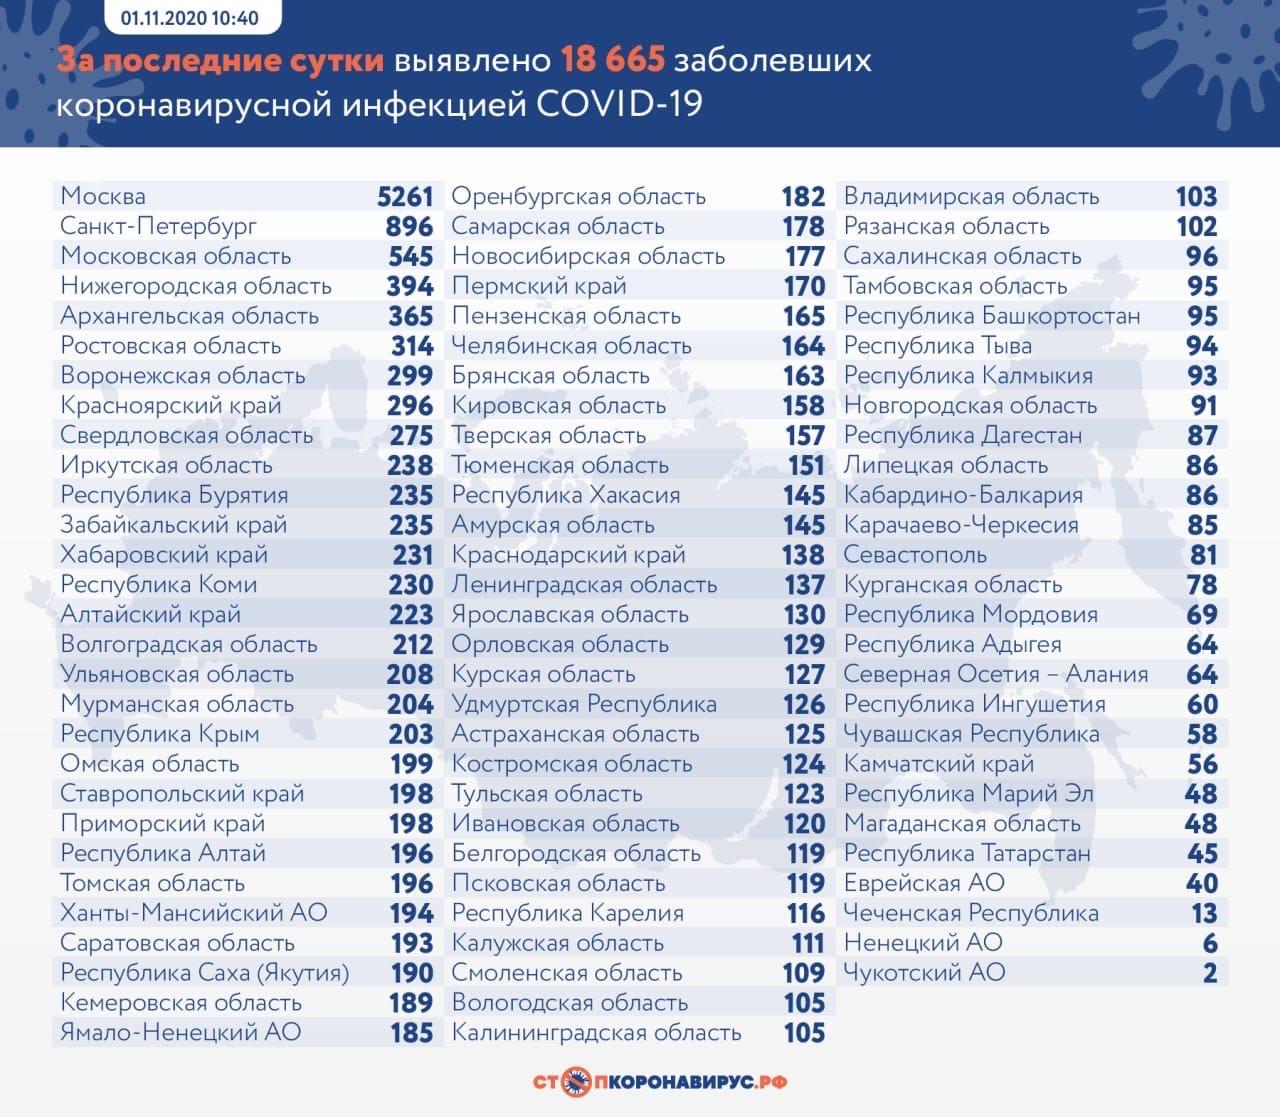 За сутки в Самарской области 178 новых случаев коронавируса